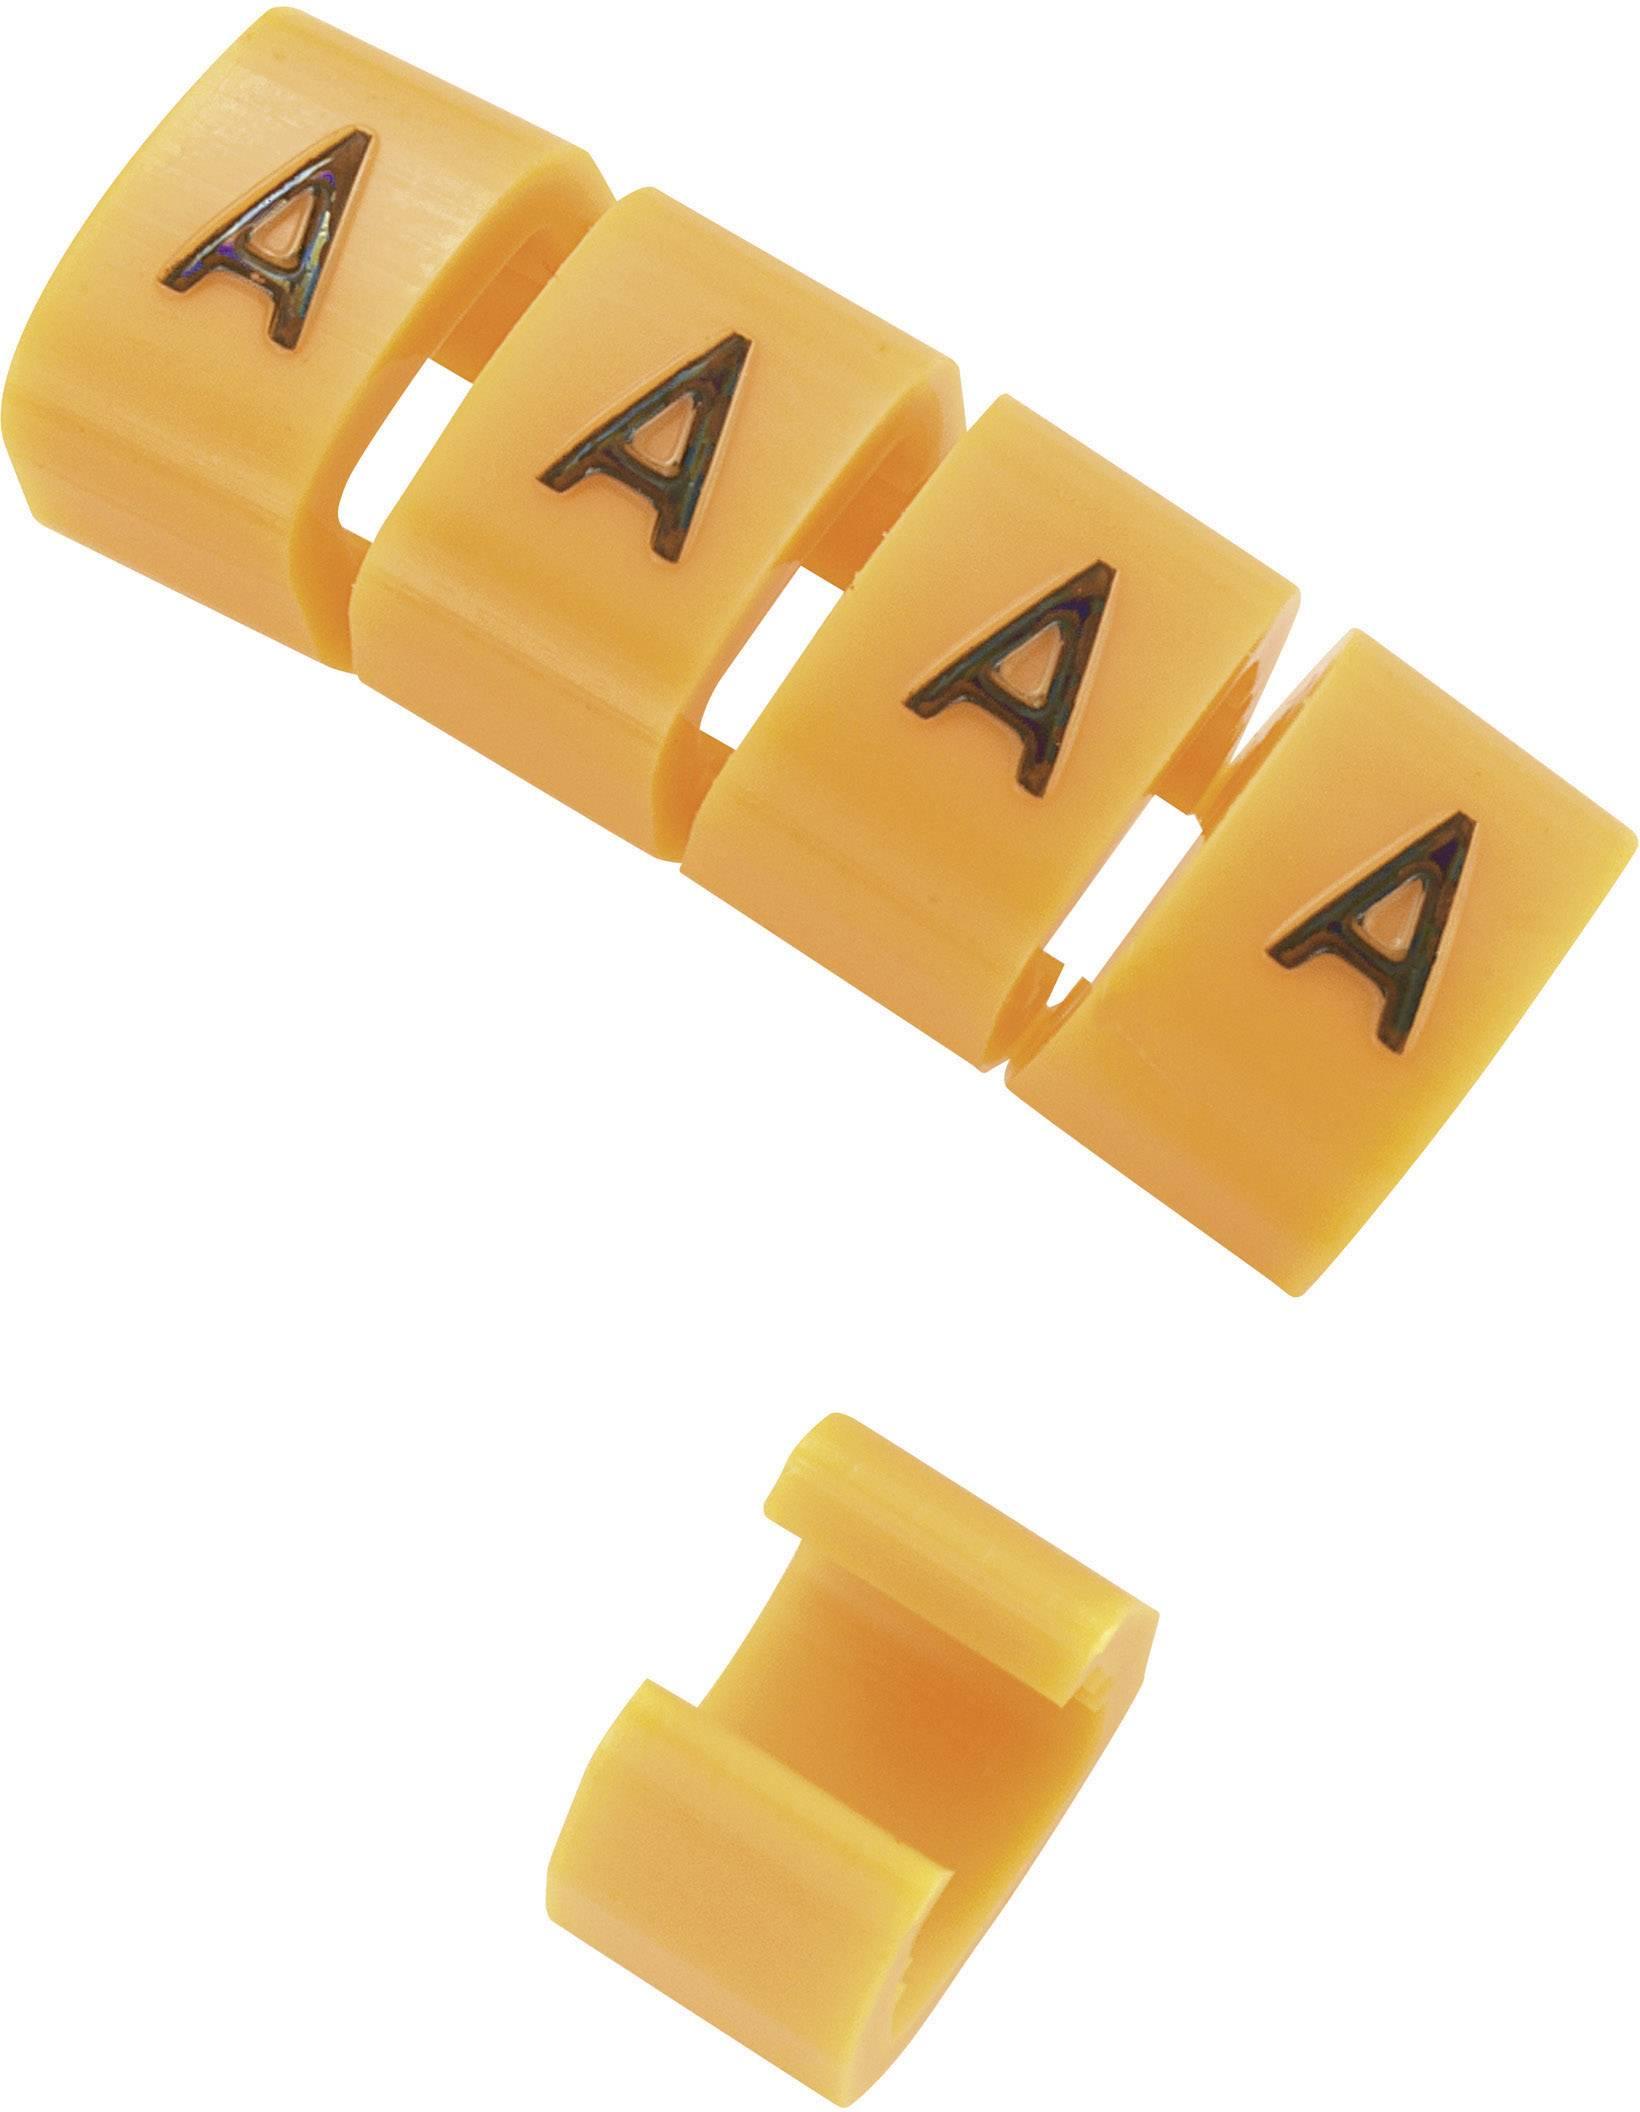 Označovacie objímka na káble KSS MB1/J, oranžová, 10 ks